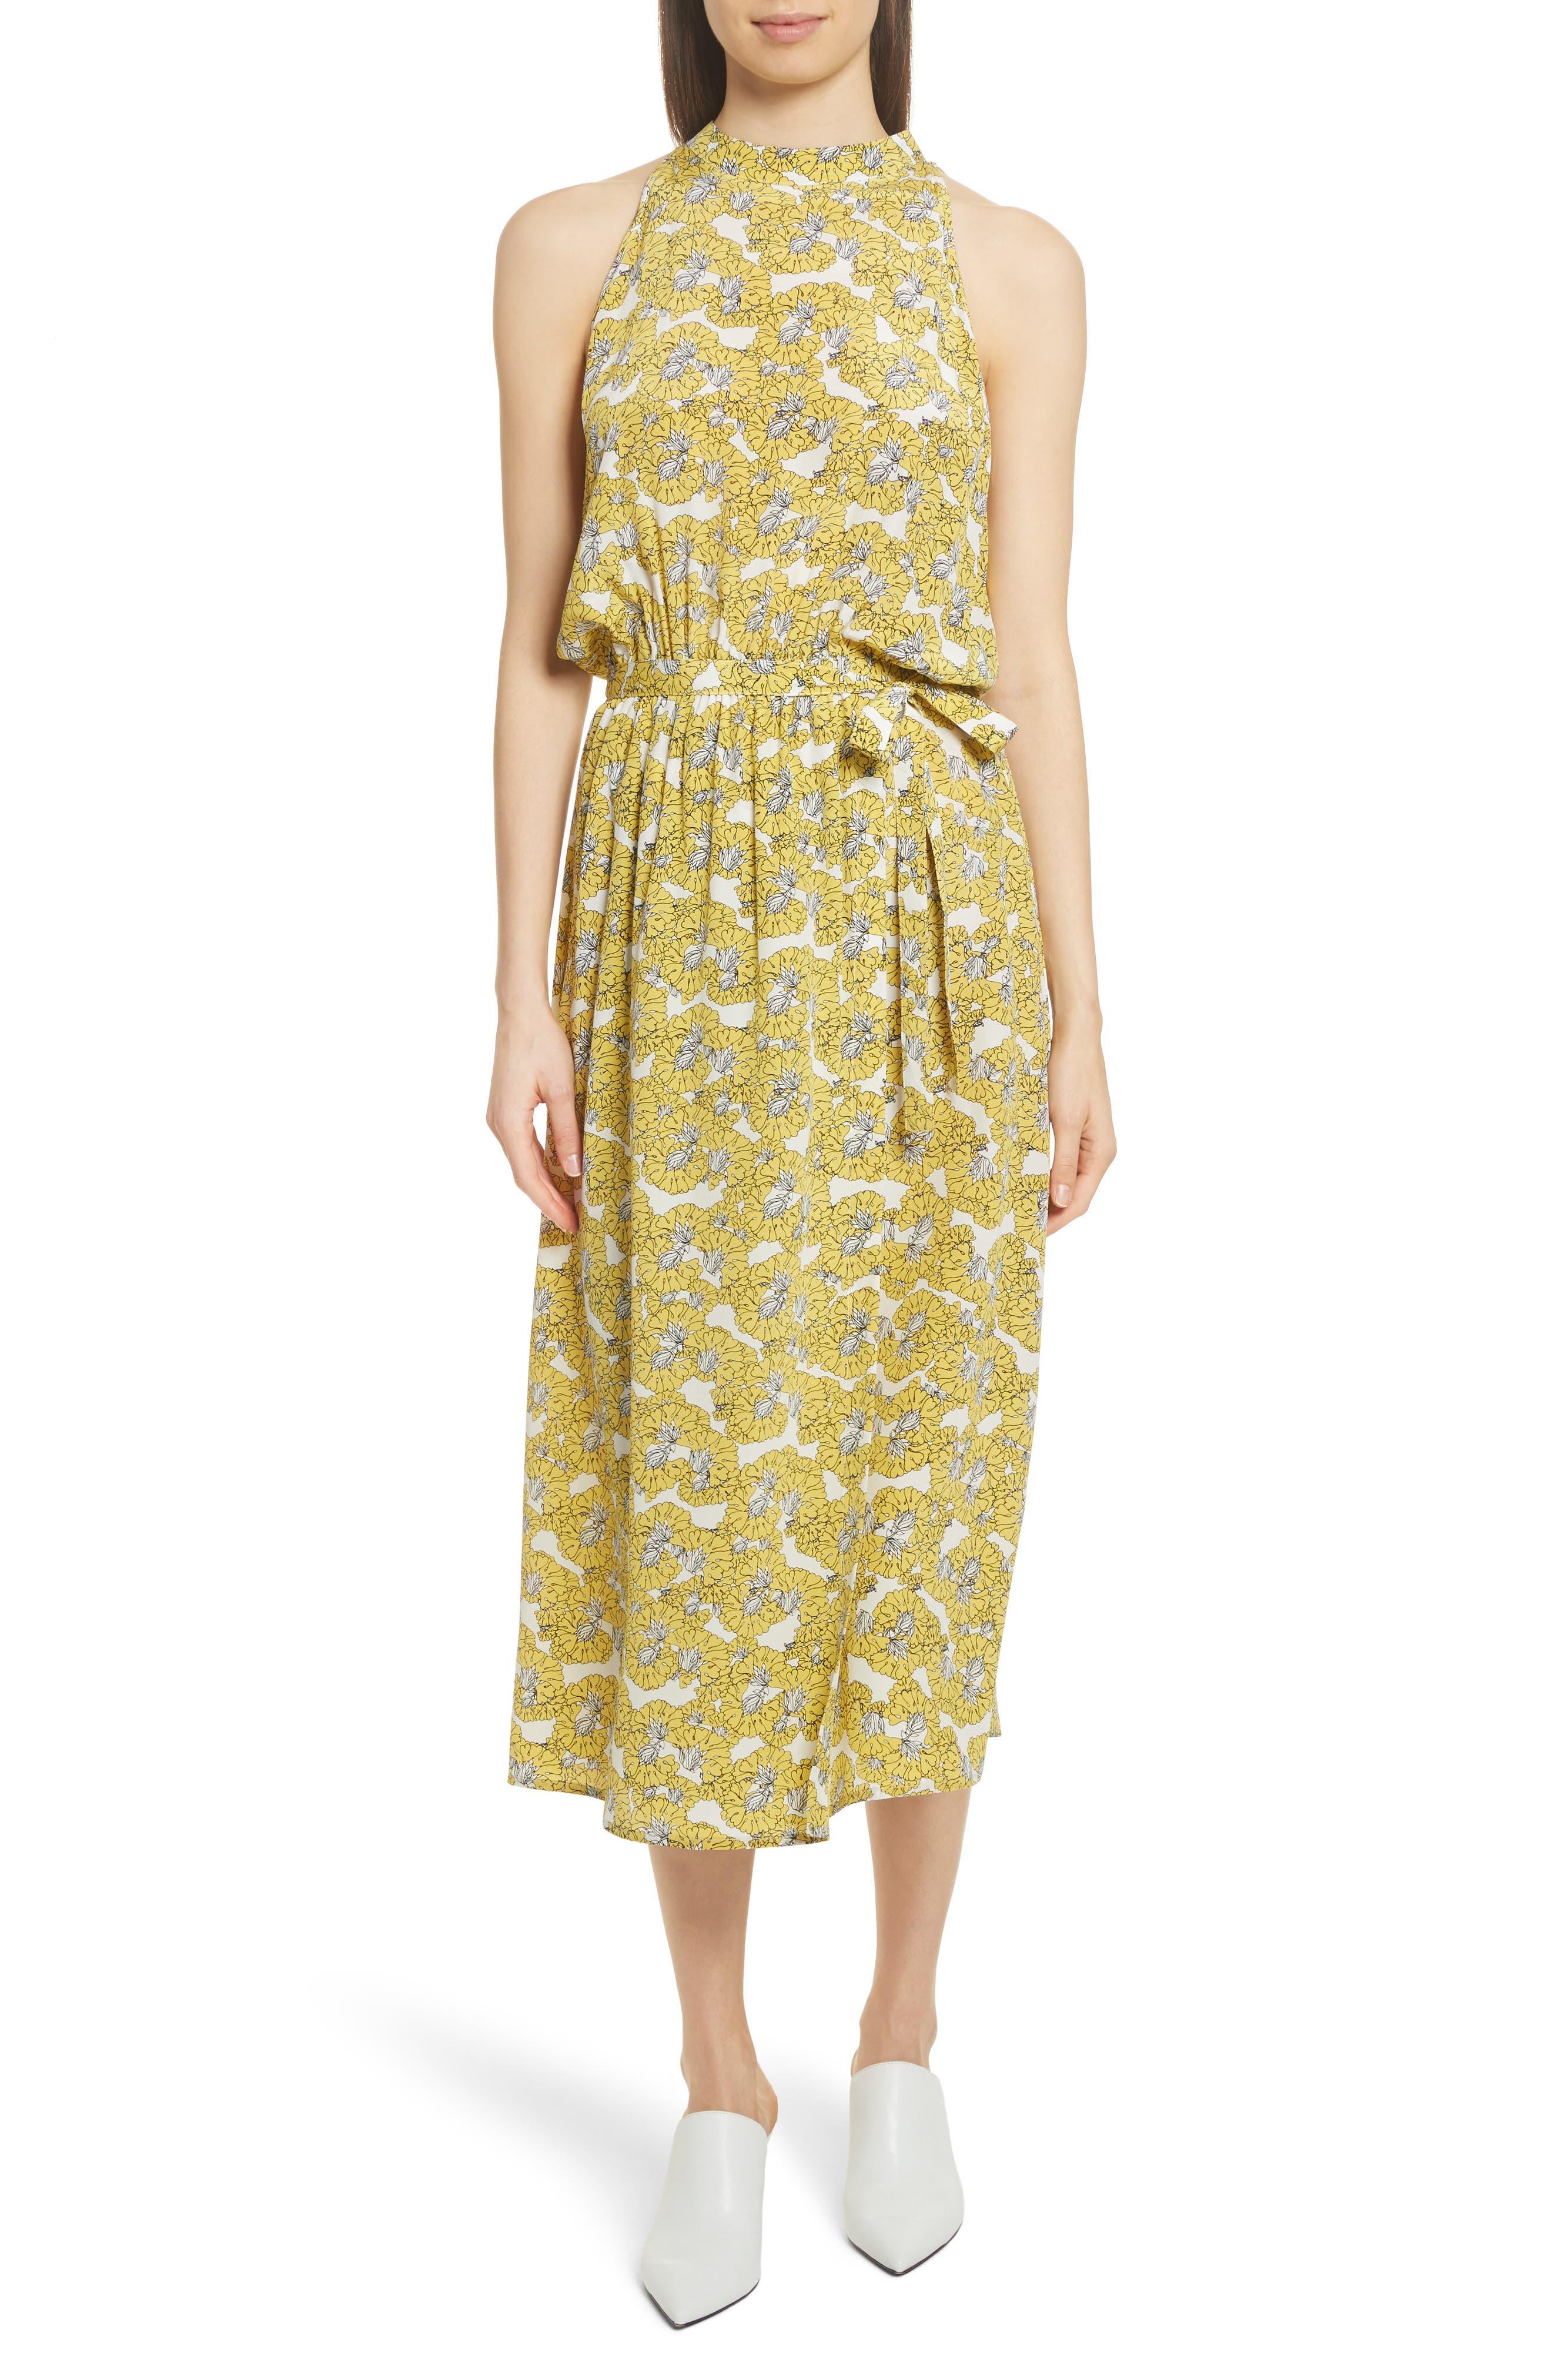 Alternate Image 1 Selected - Robert Rodriguez Dania Floral Print Dress